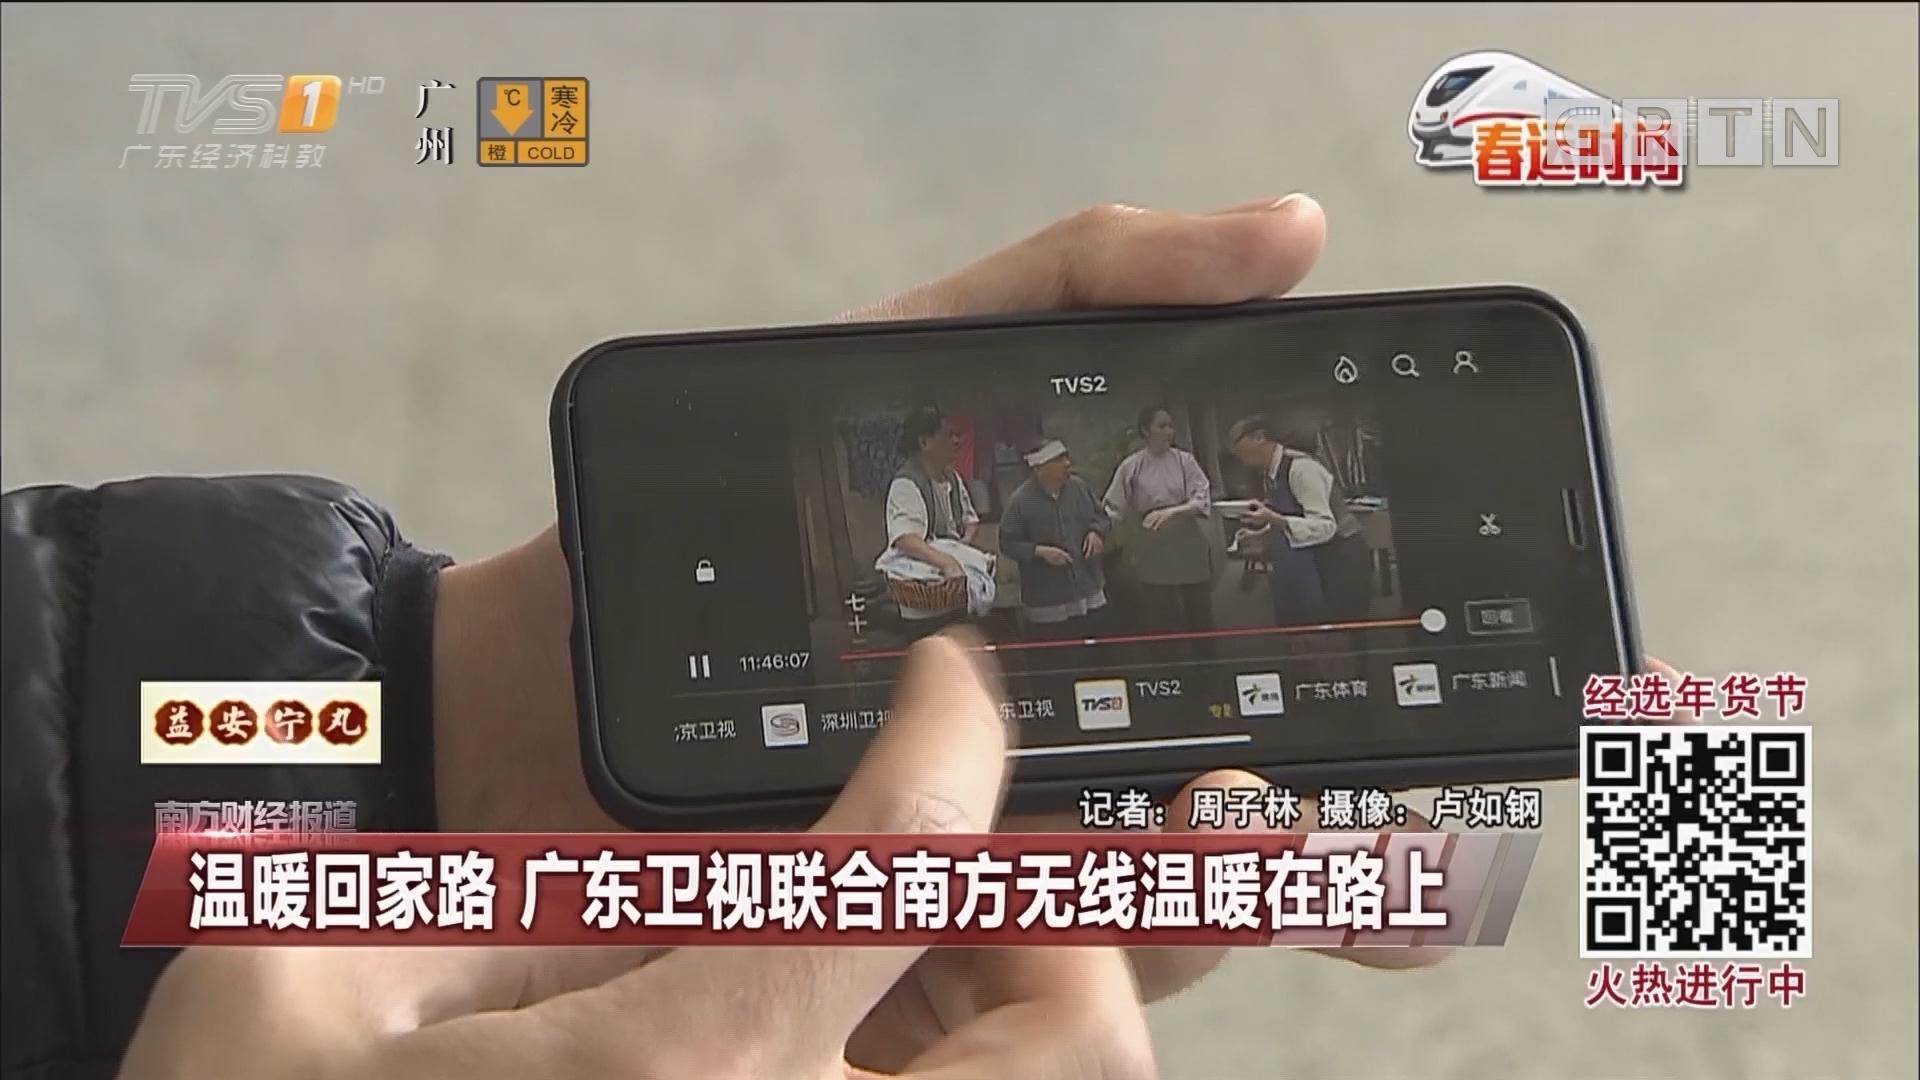 温暖回家路 广东卫视联合南方无线温暖在路上